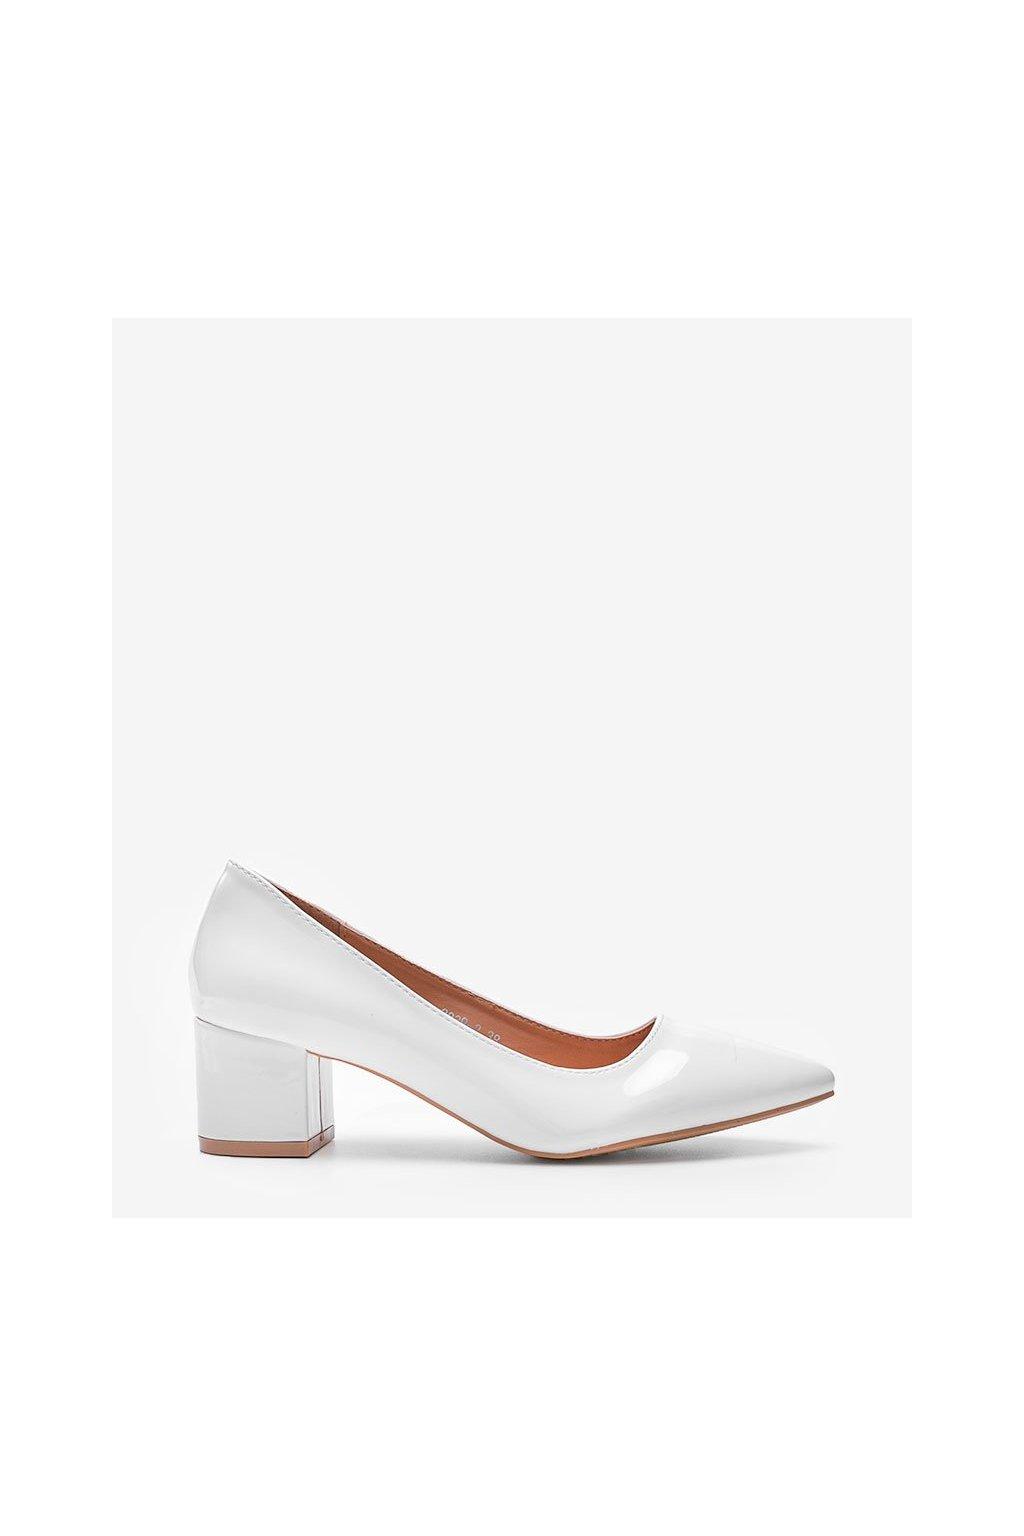 Dámske topánky lodičky biele kód 3839-2 - GM